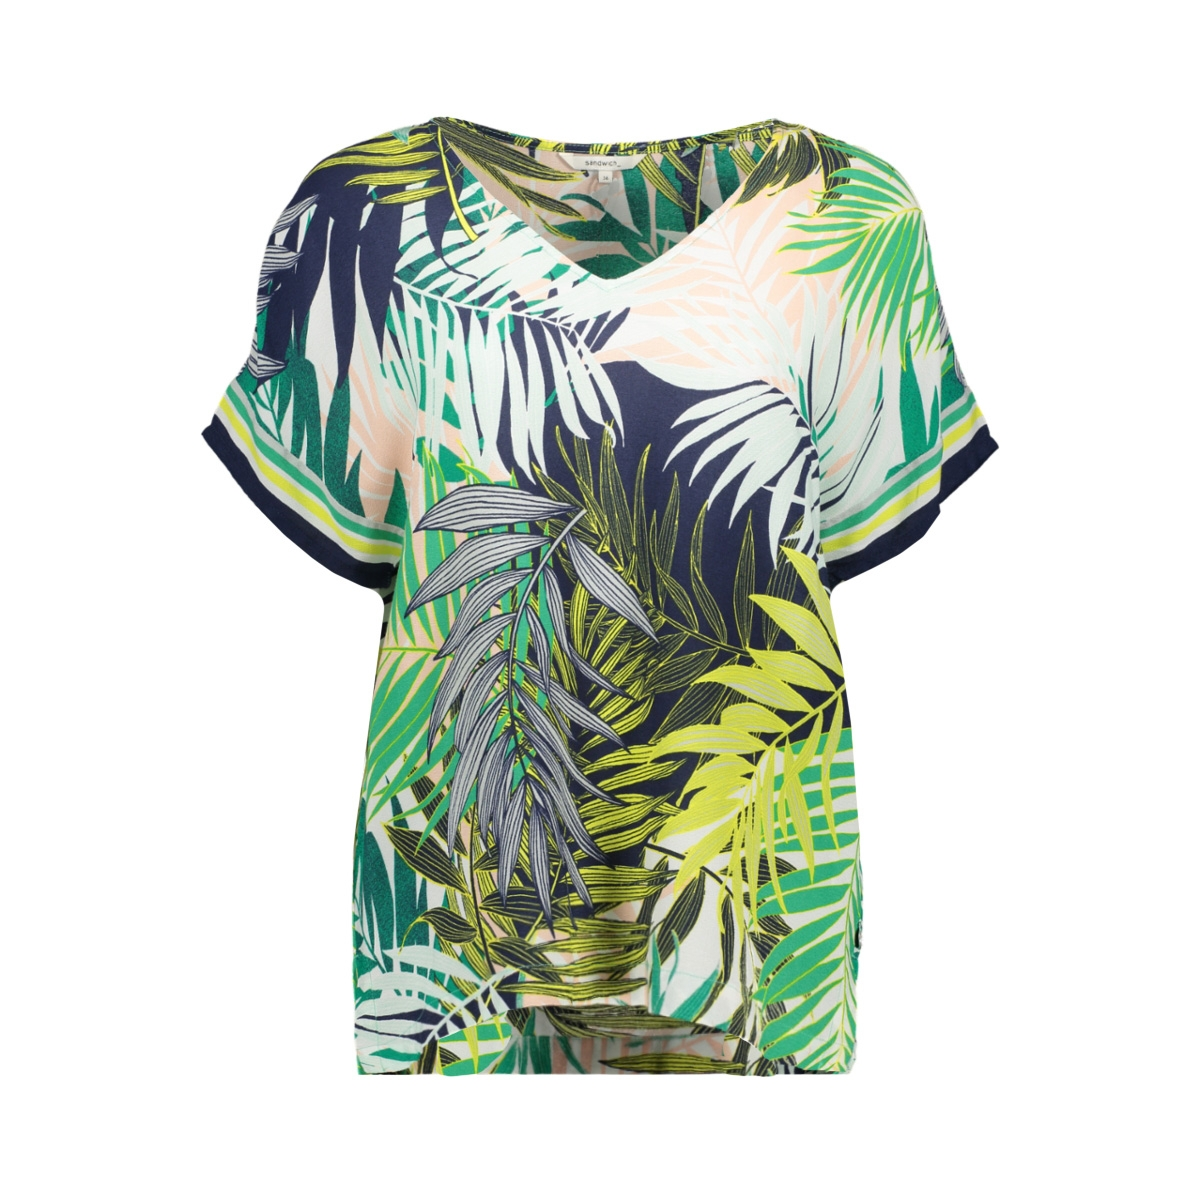 gebloemd t shirt 22001671 sandwich t-shirt 50024